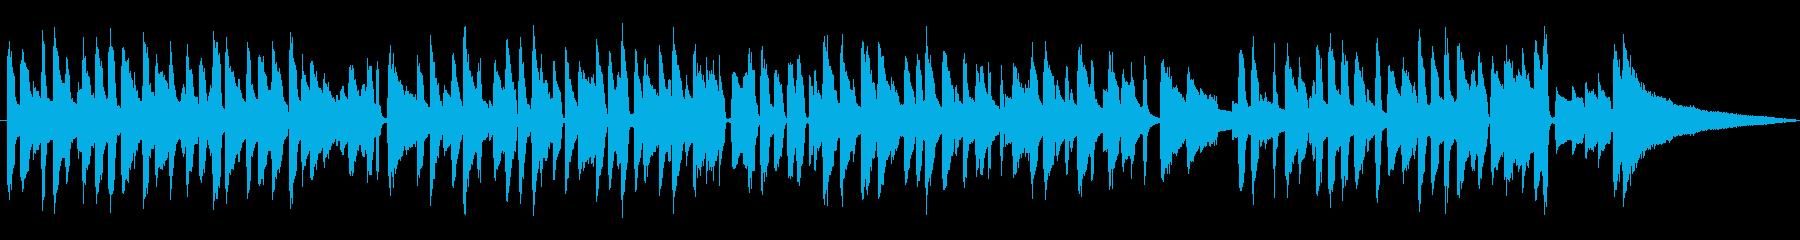 ジャズラウンジピアノソロ/スウィング風味の再生済みの波形